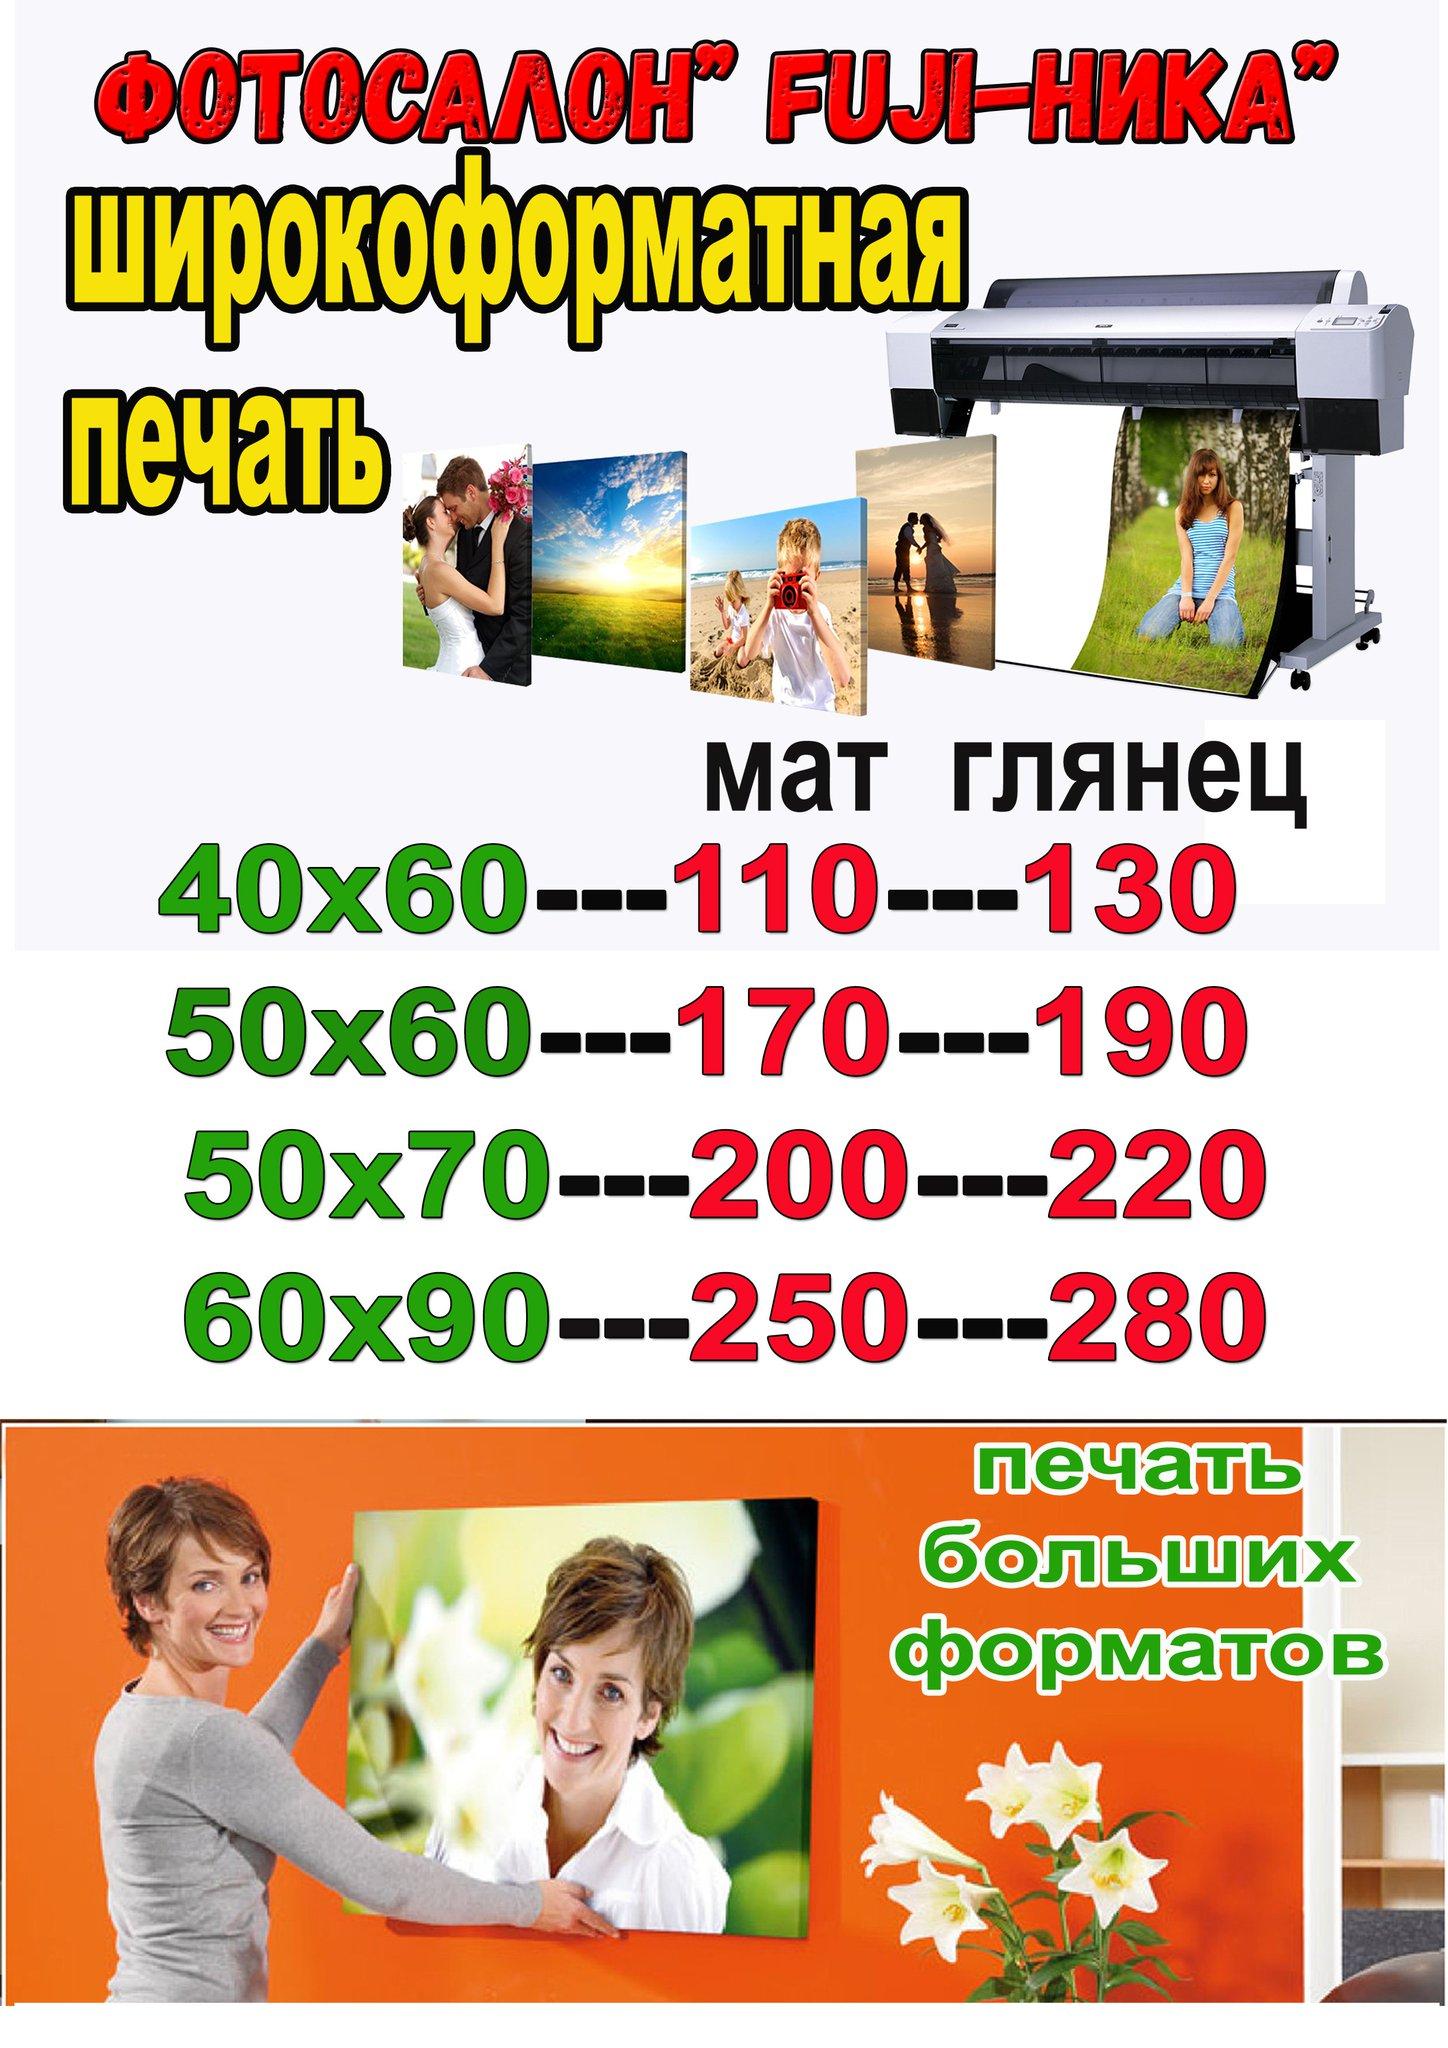 где дешевле напечатать фотографии уфа челси